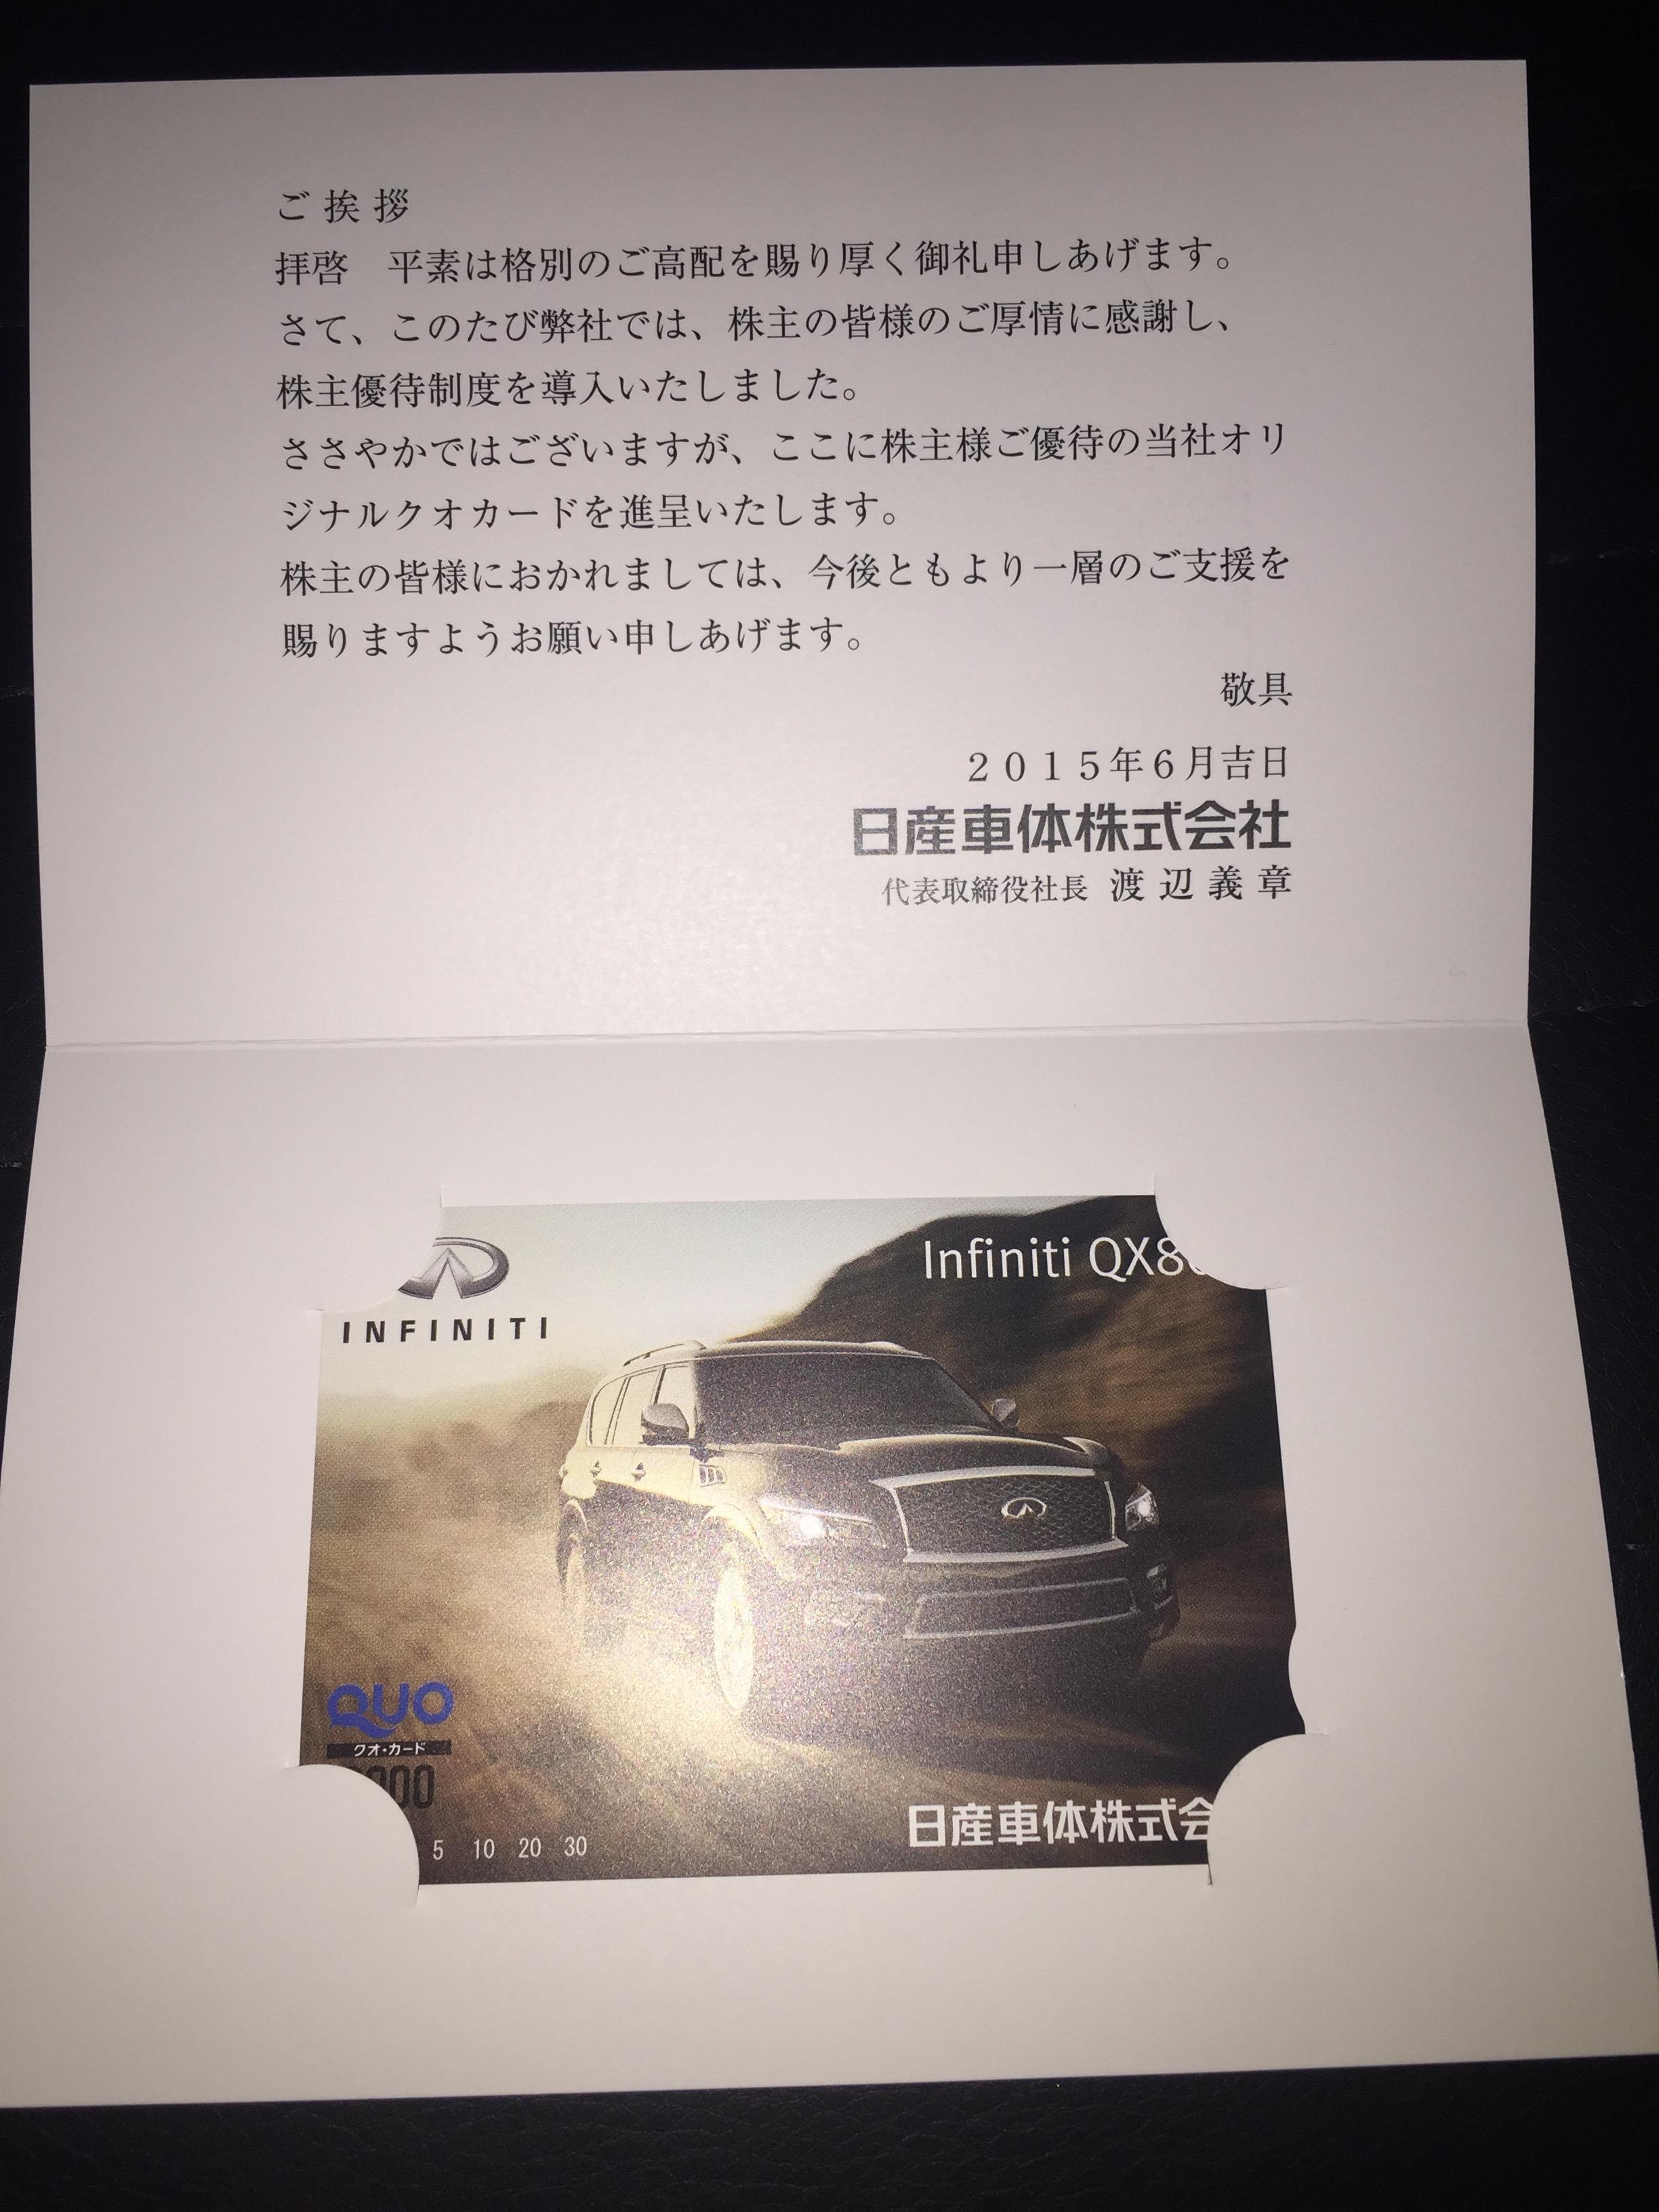 日産車体 (7222) の株主優待 (2015年)が到着!! クオカードのデザインが魅力的